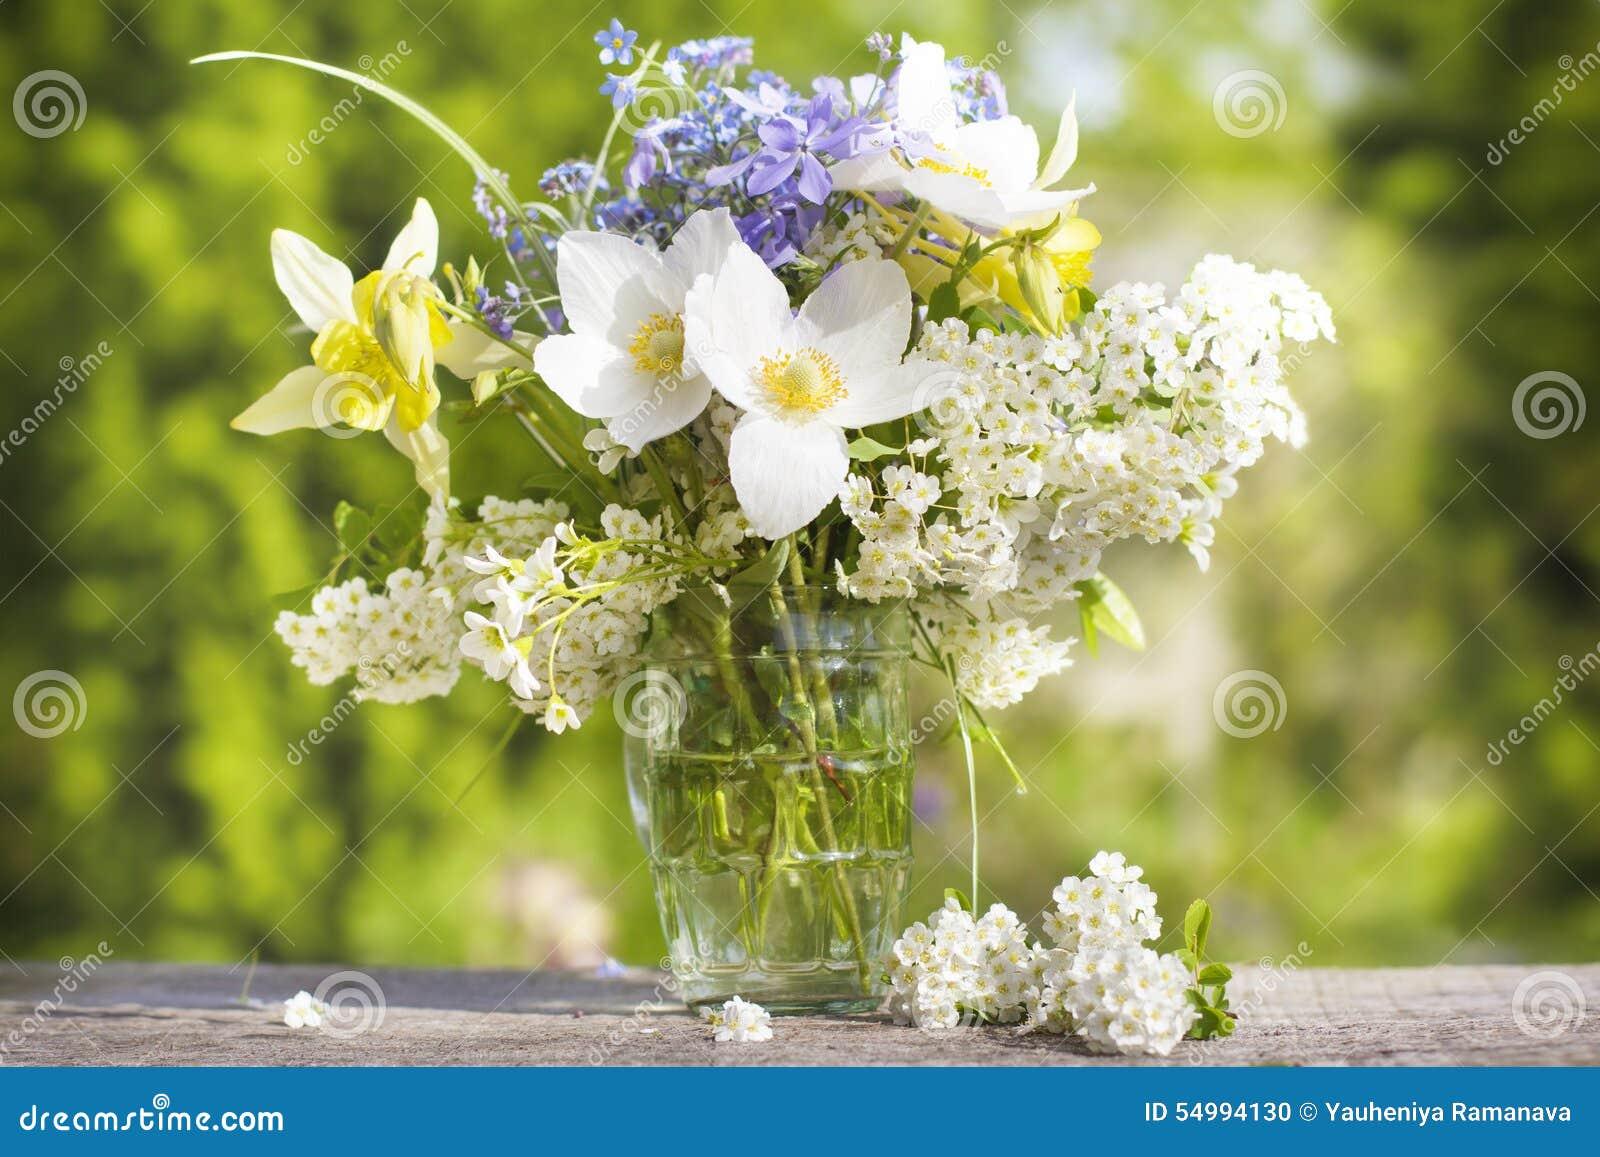 Ein Blumenstrauß von schönen Blumen gegen einen grünen Garten